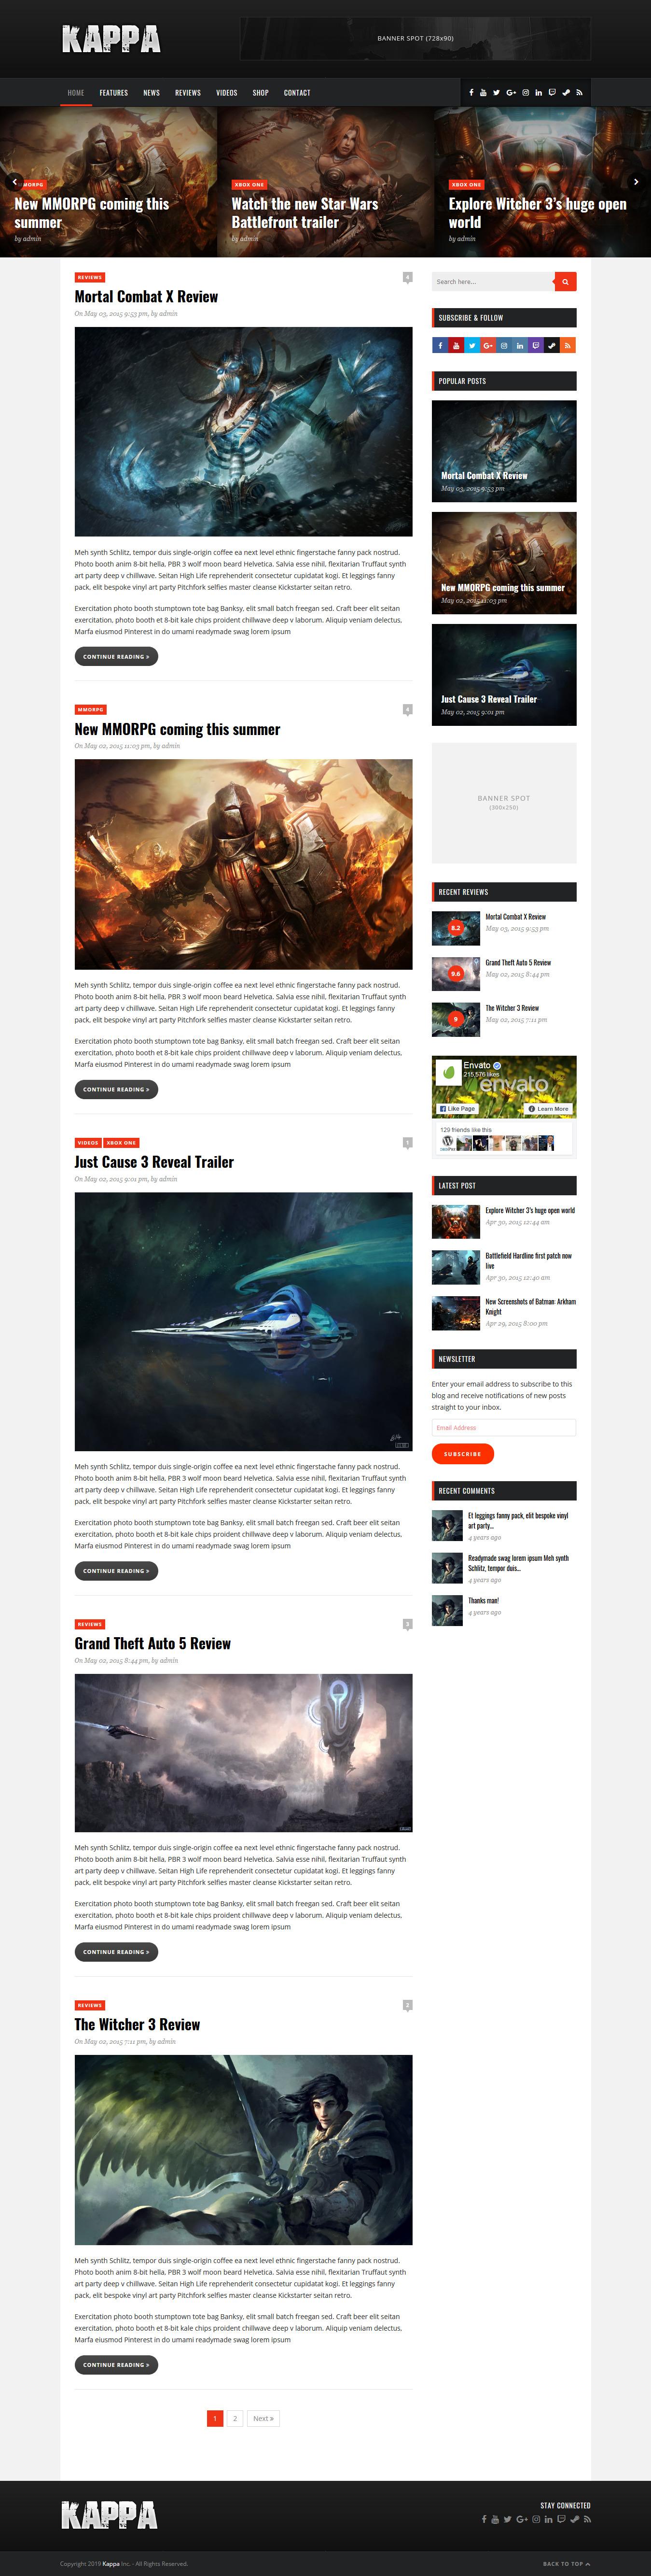 Kappa - Best Premium Gaming WordPress Theme